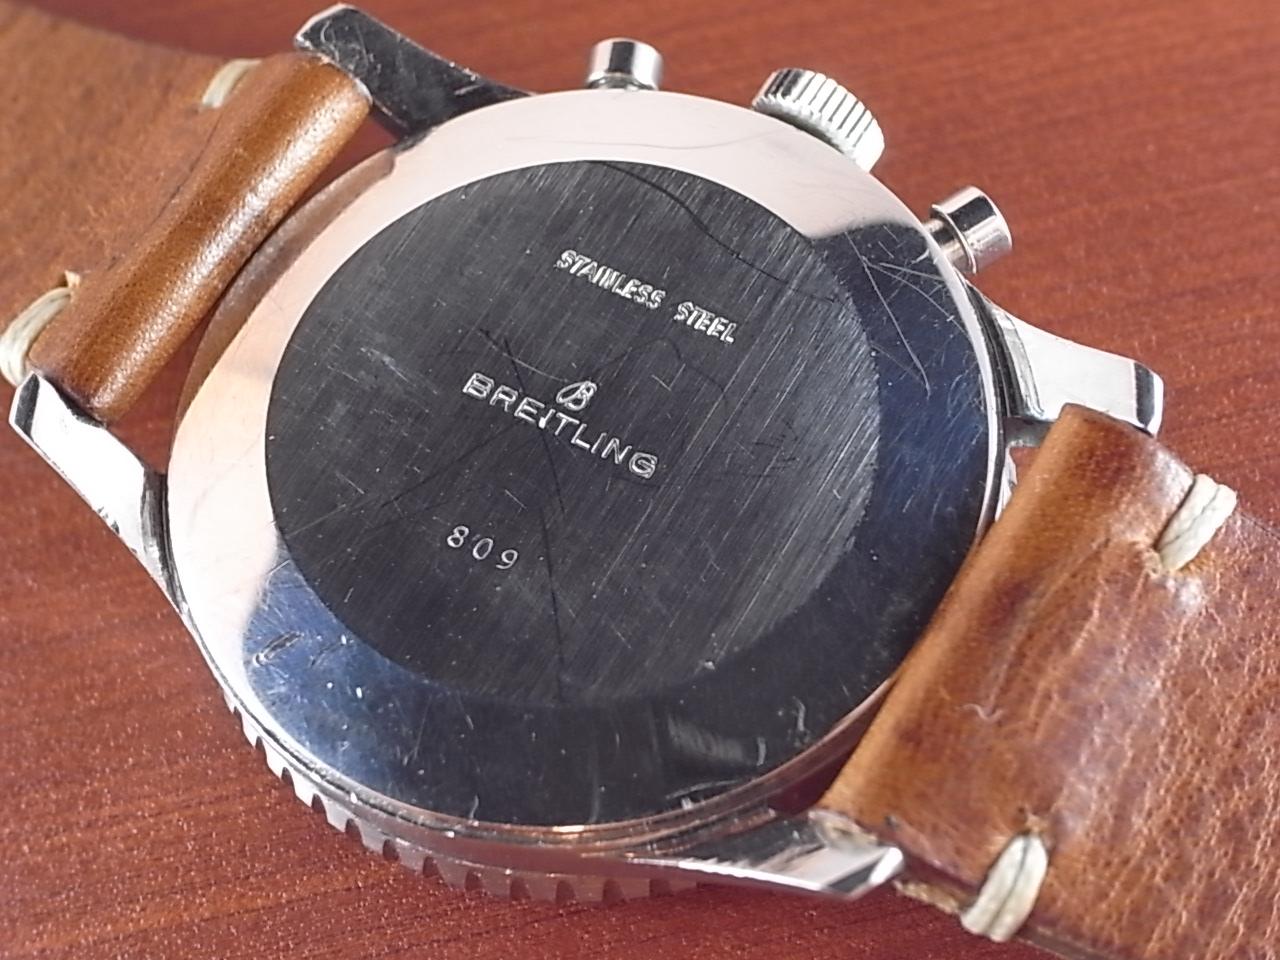 ブライトリング コスモノート ナビタイマー 24時間時計 1960年代の写真4枚目